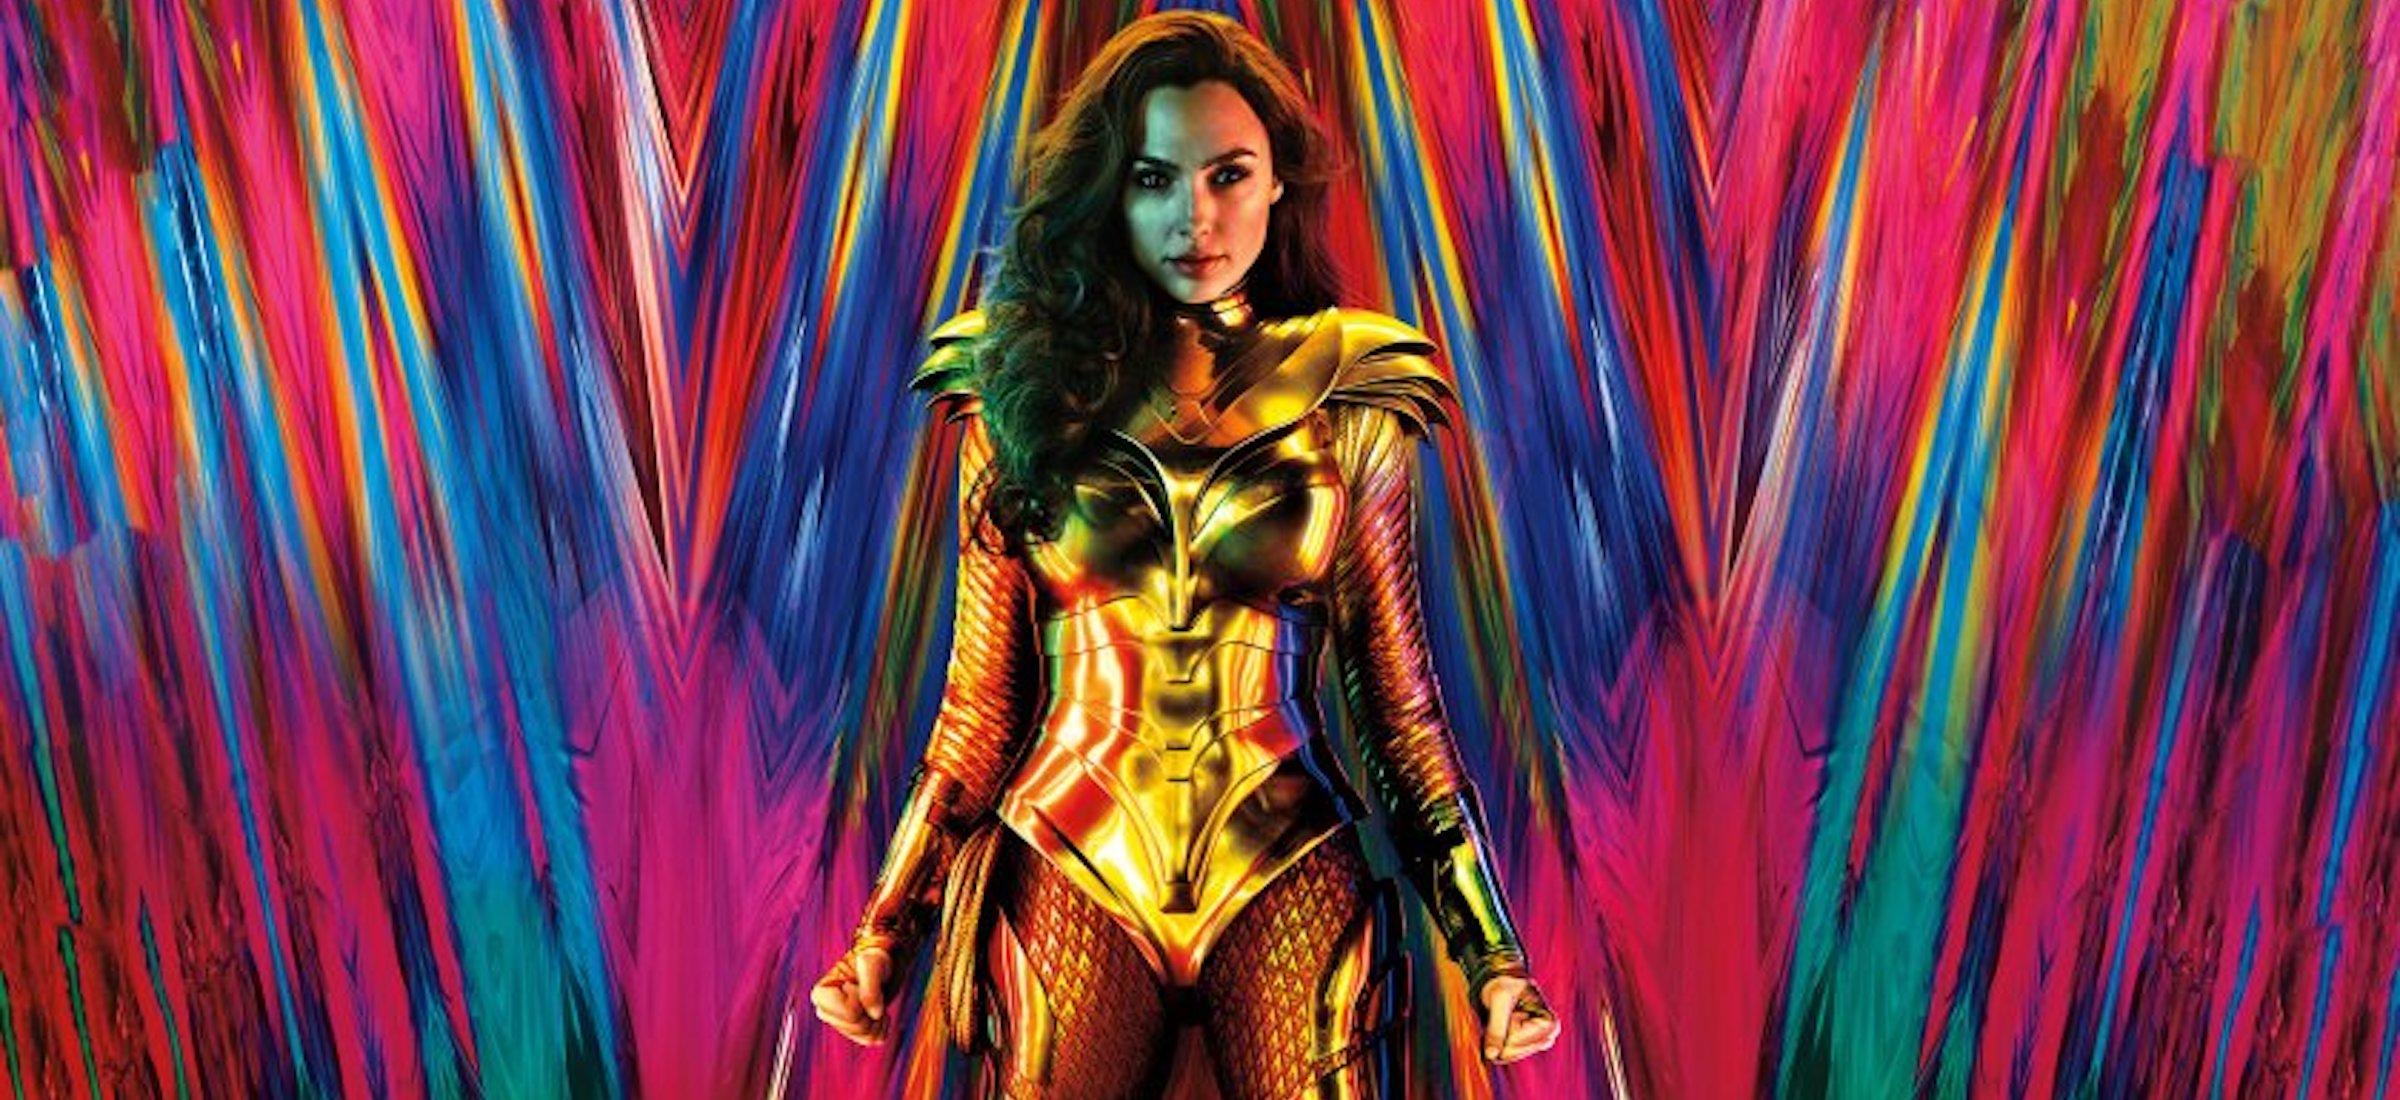 Wonder Woman 1984 premiera hbo max